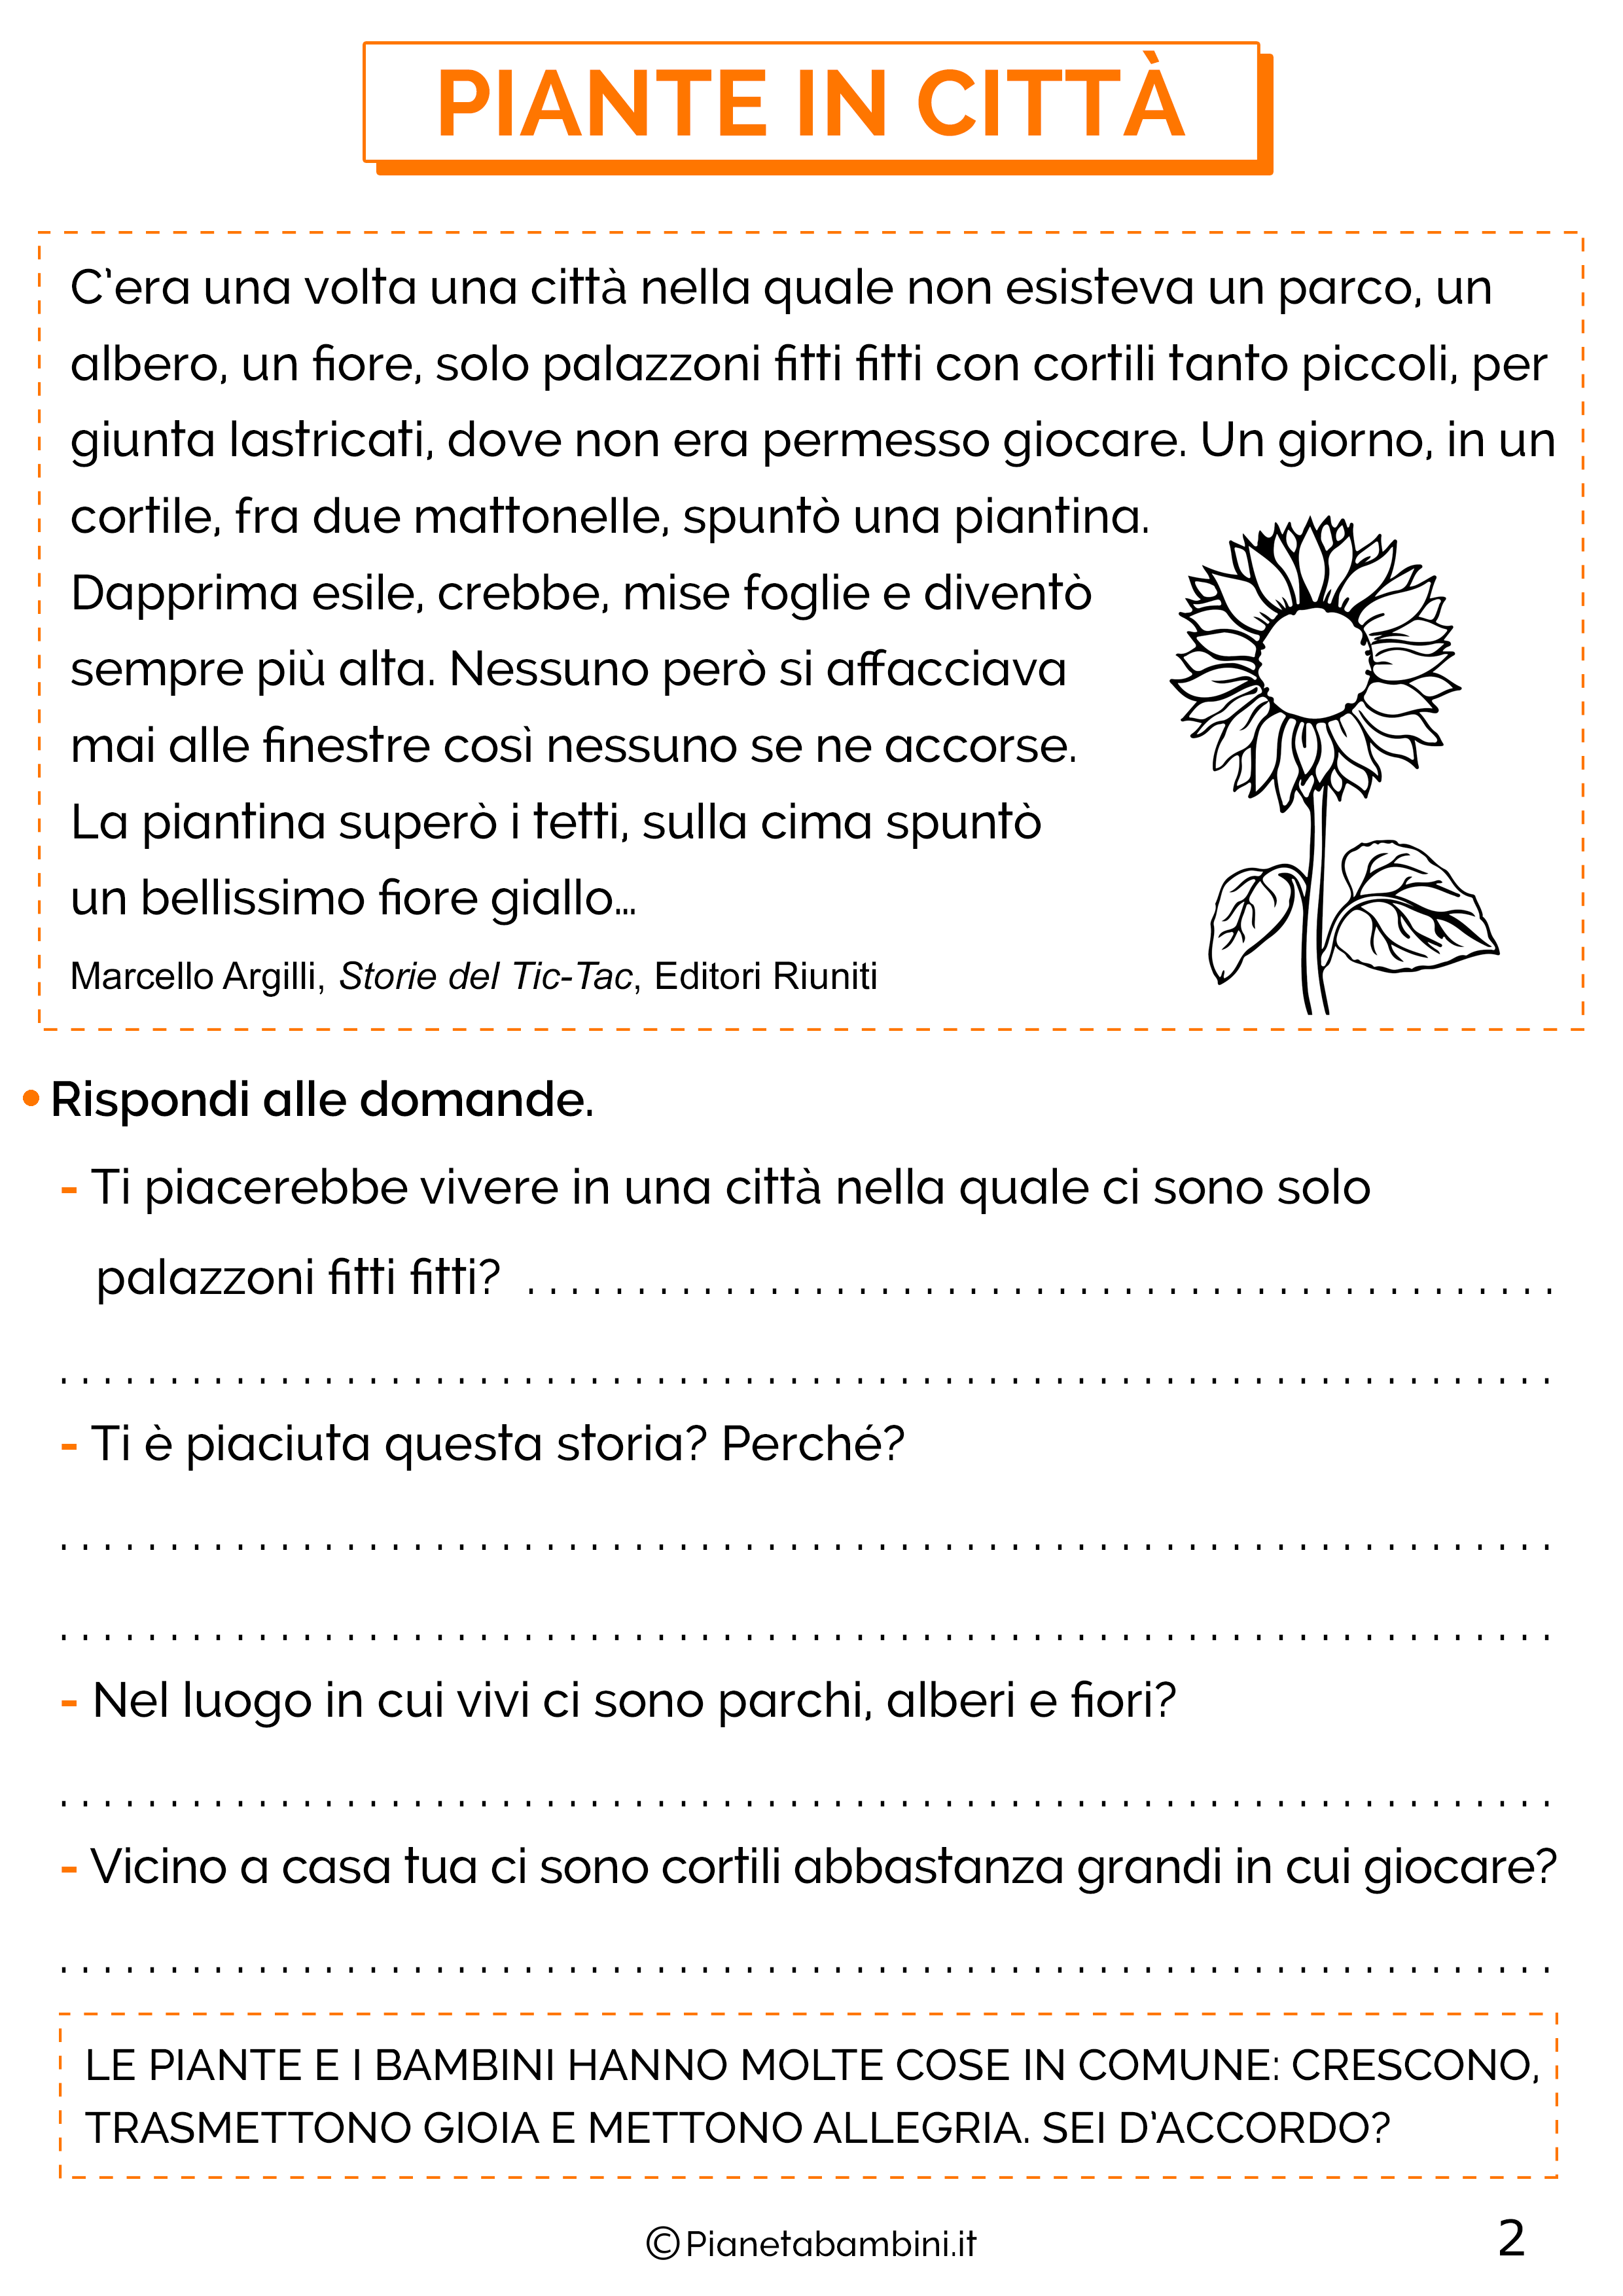 Schede didattiche sull'educazione ambientale per la classe seconda 2